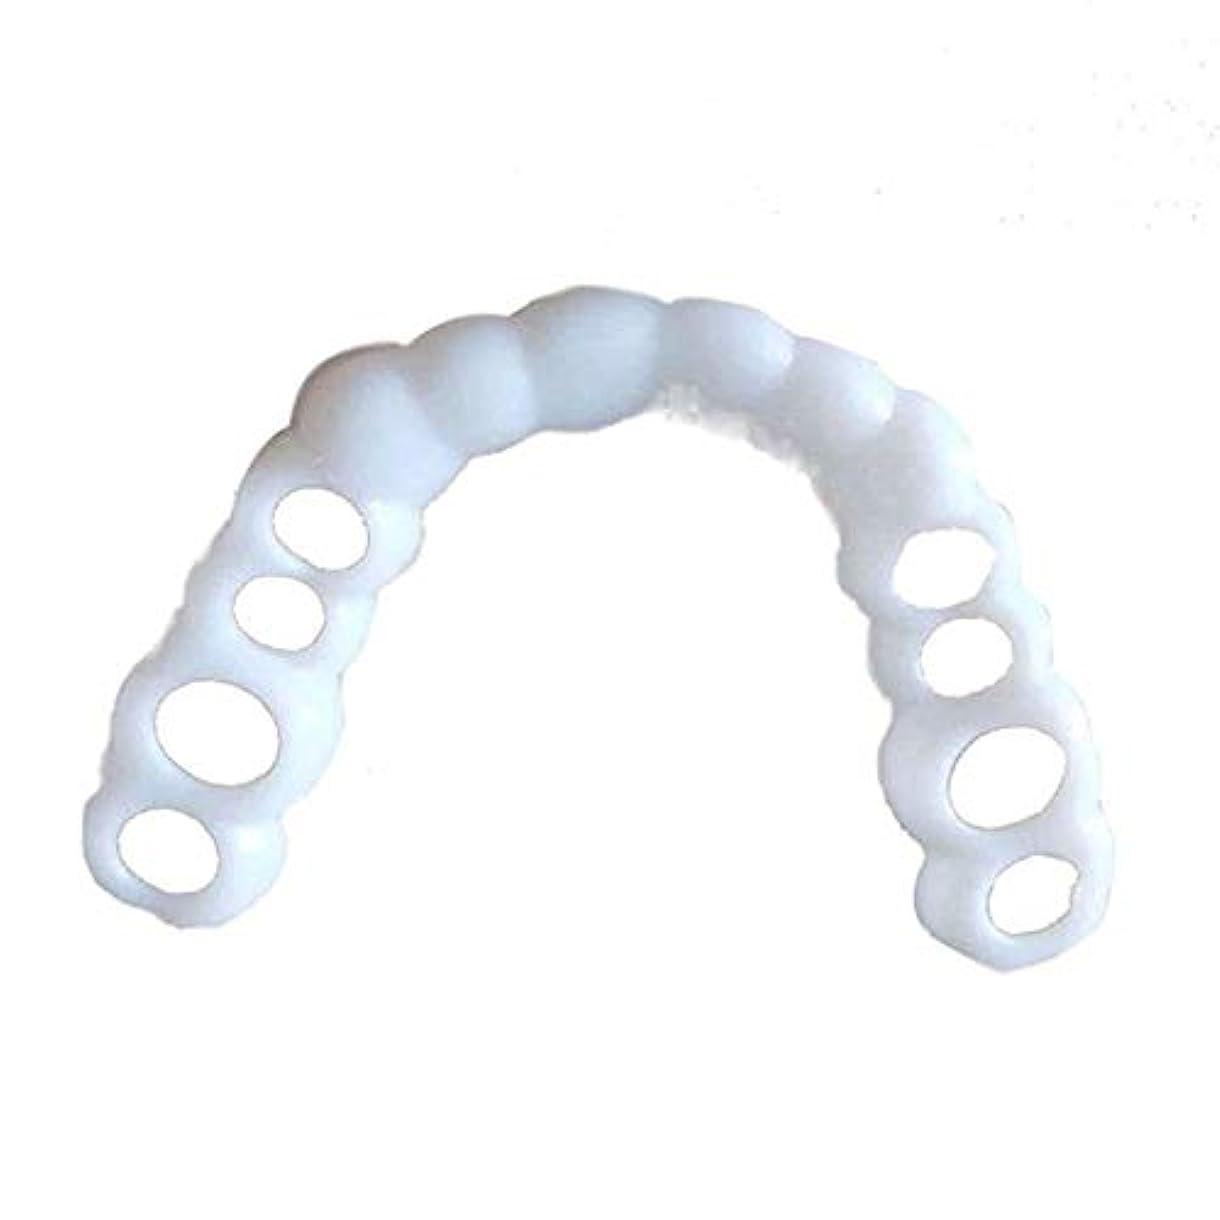 可能完全に寛大さシリコーンシミュレーション歯ホワイトニングブレース(5個),Lower